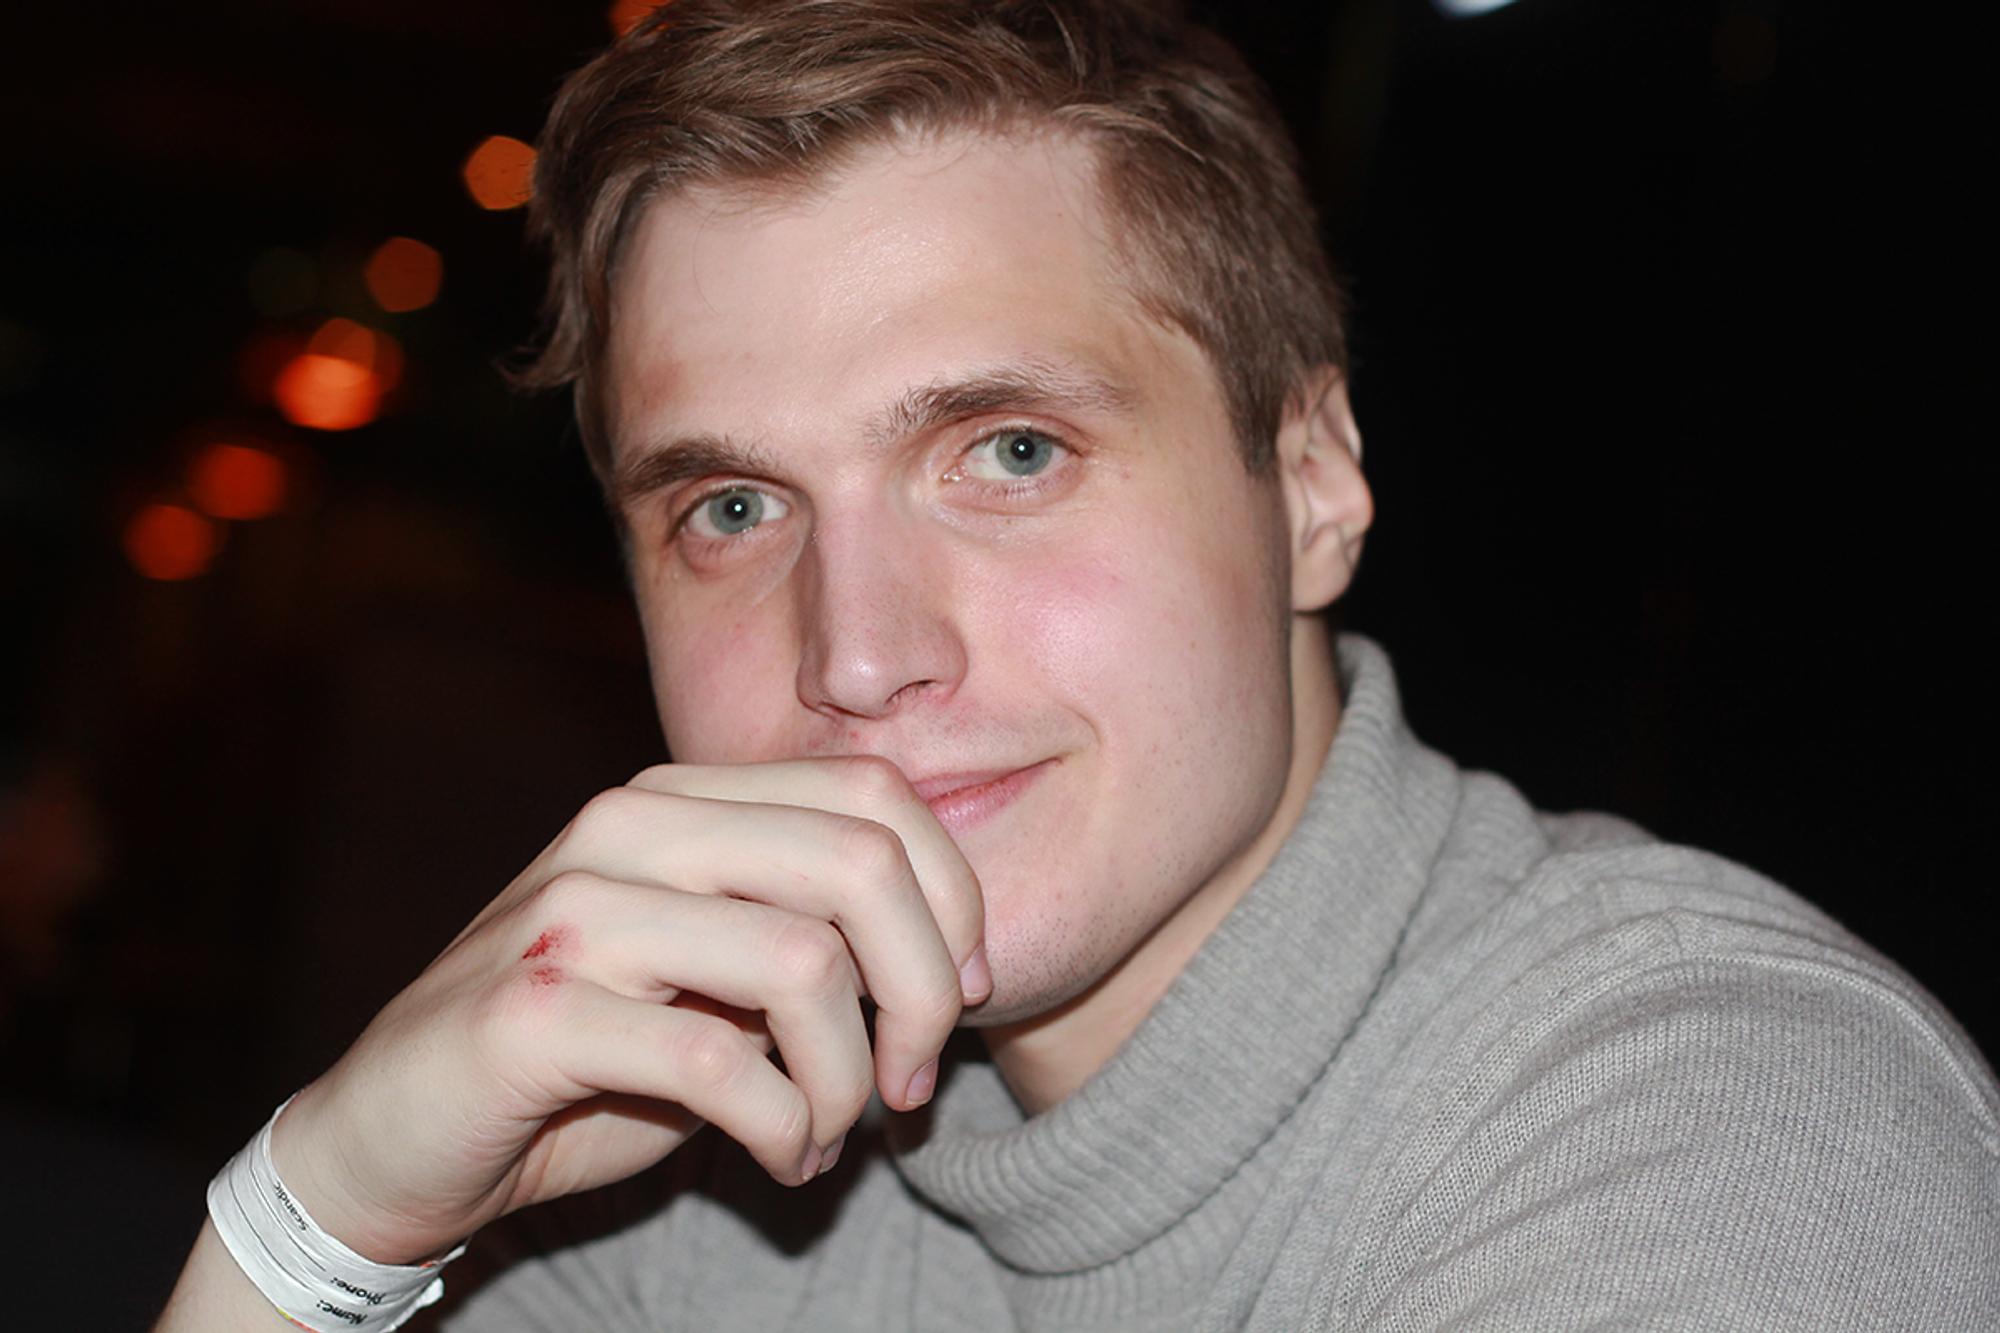 gimeney.net datingside hypnose for dating suksess